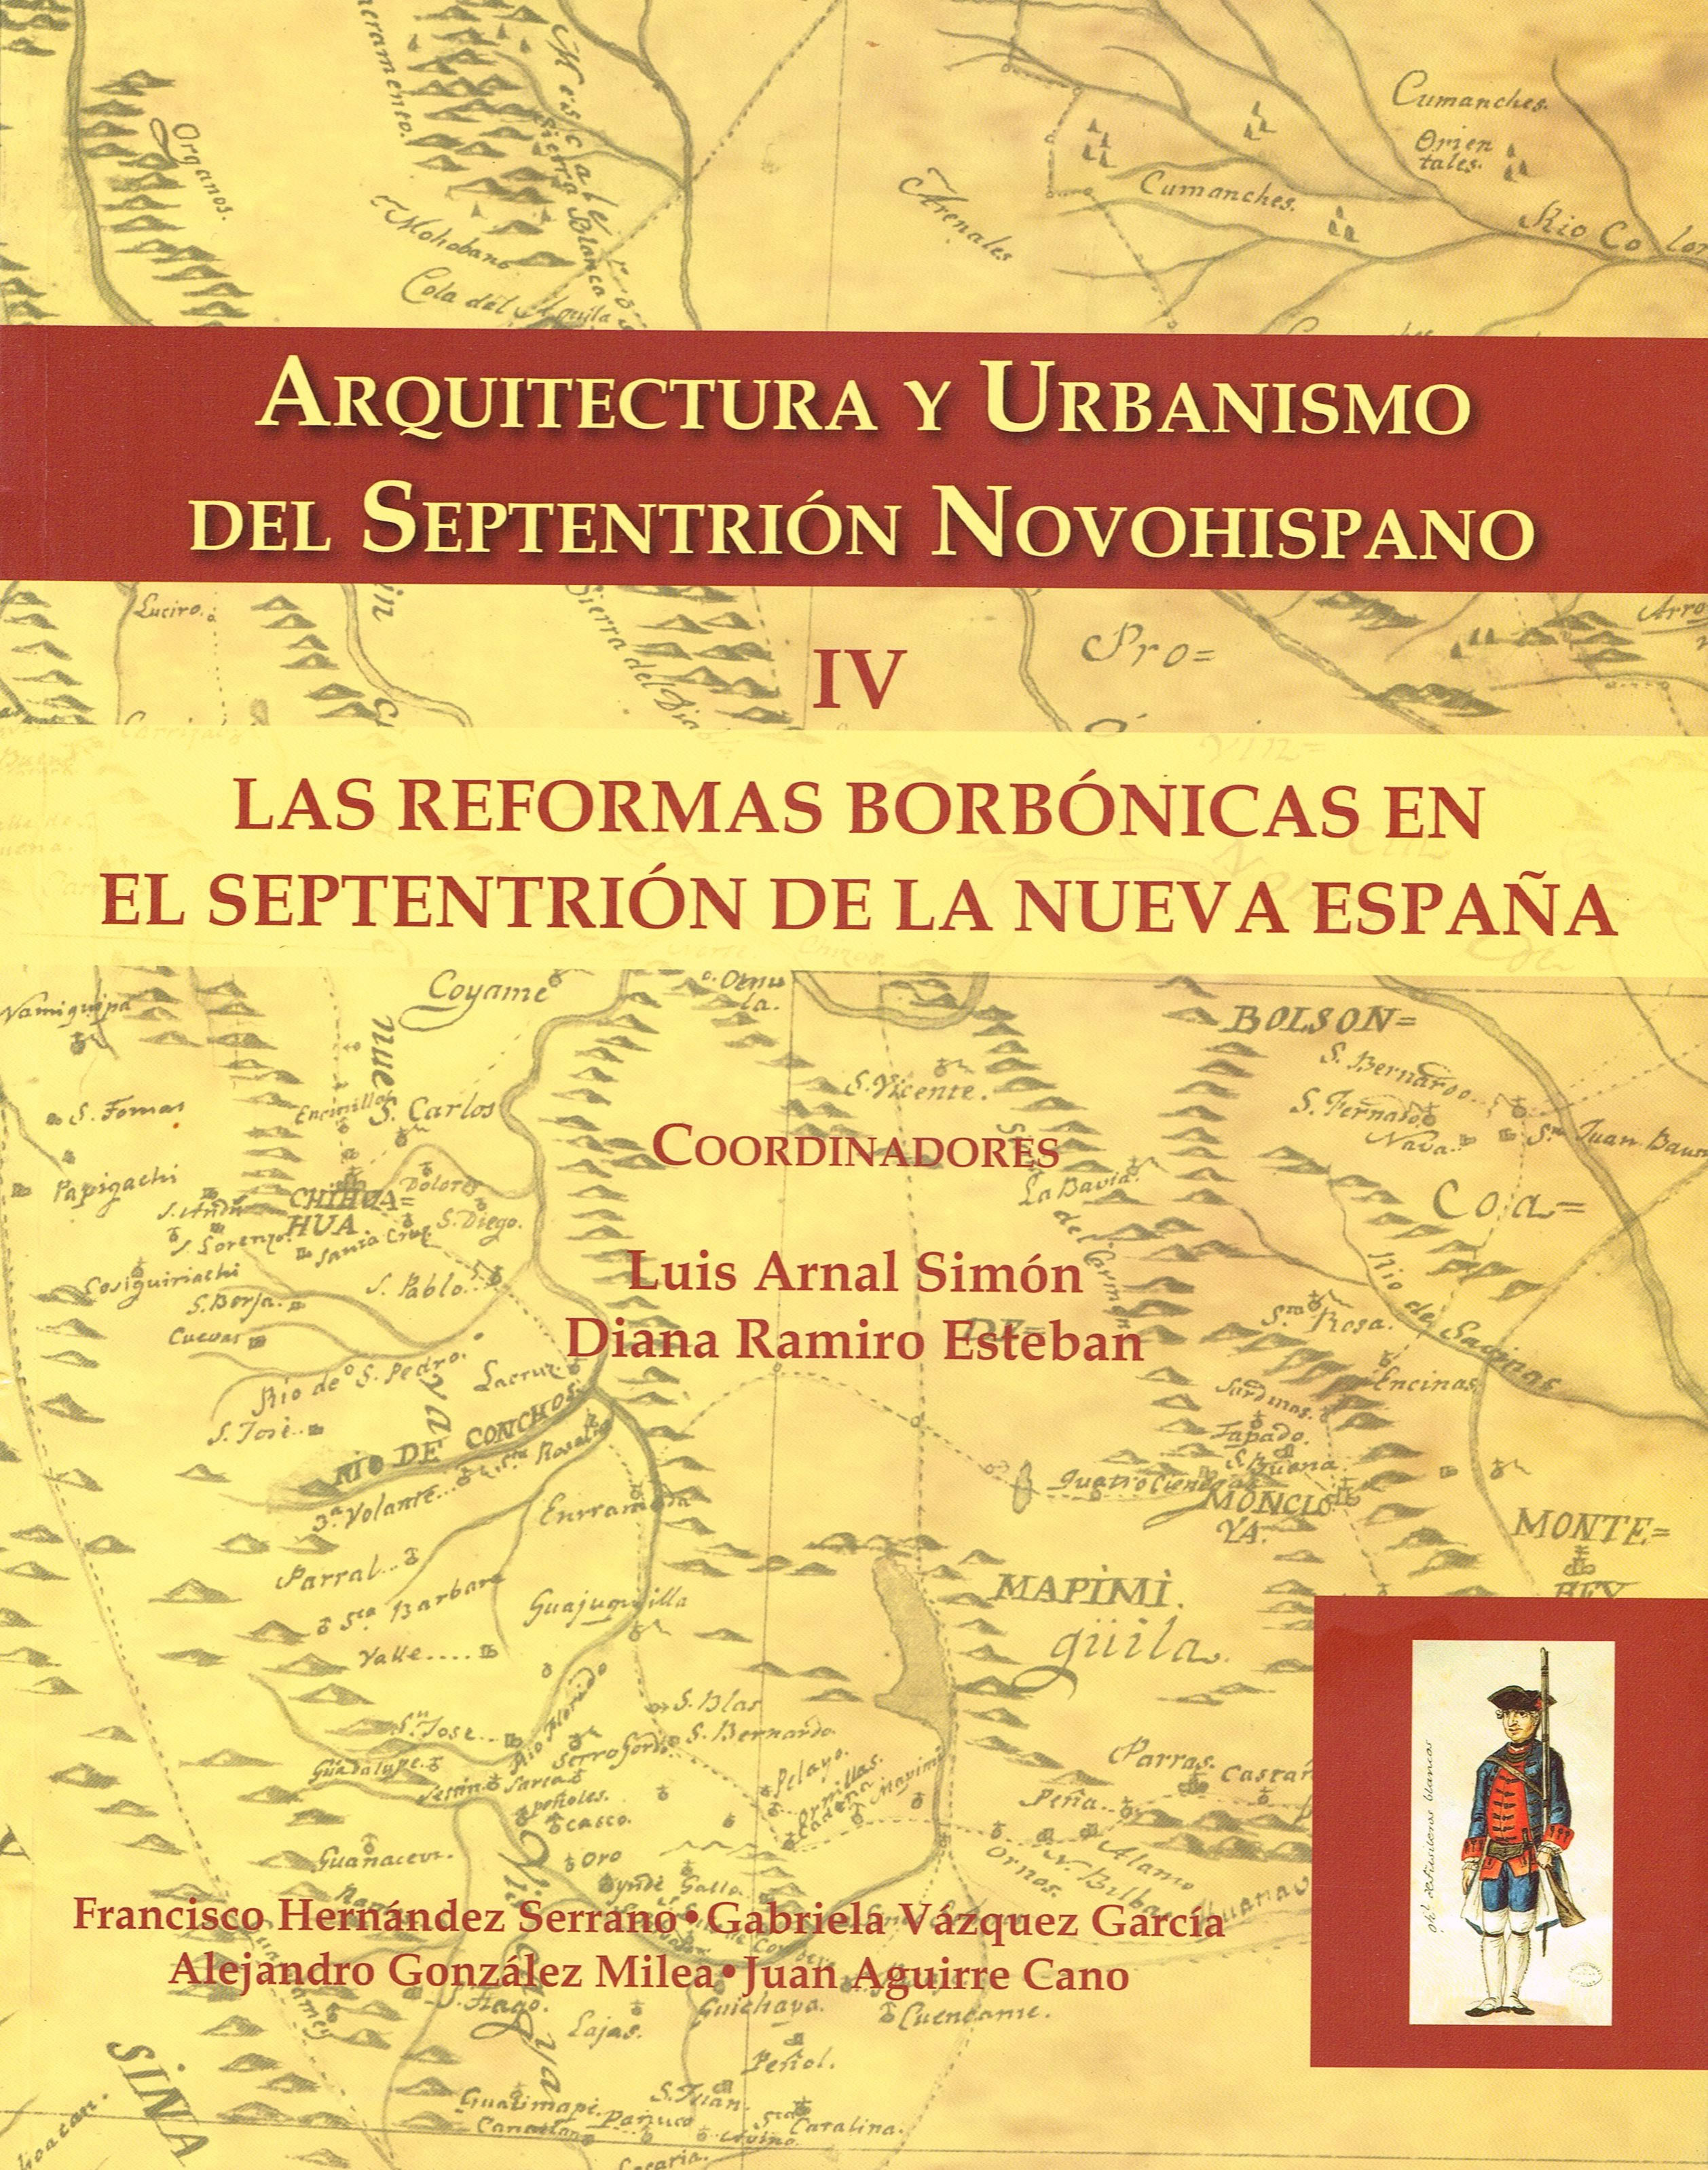 Arquitectura y urbanismo del septentrión novohispano IV. Las reformas borbónicas en el septentrión